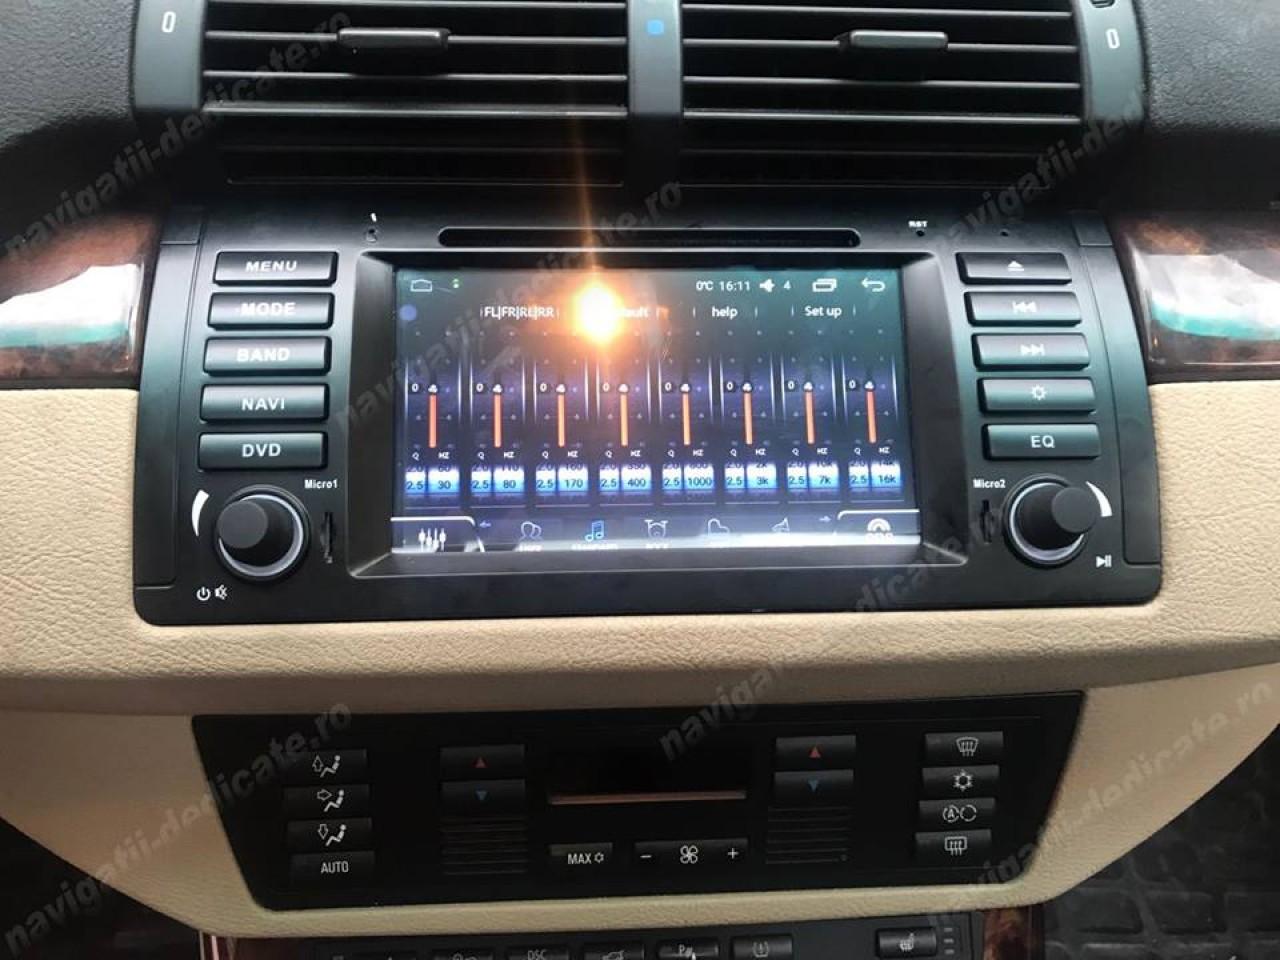 NAVIGATIE ANDROID 6.0.1 DEDICATA BMW X5 E53 (1999 - 2006) QUAD-CORE 2GB RAM 16GB NAVD-i082